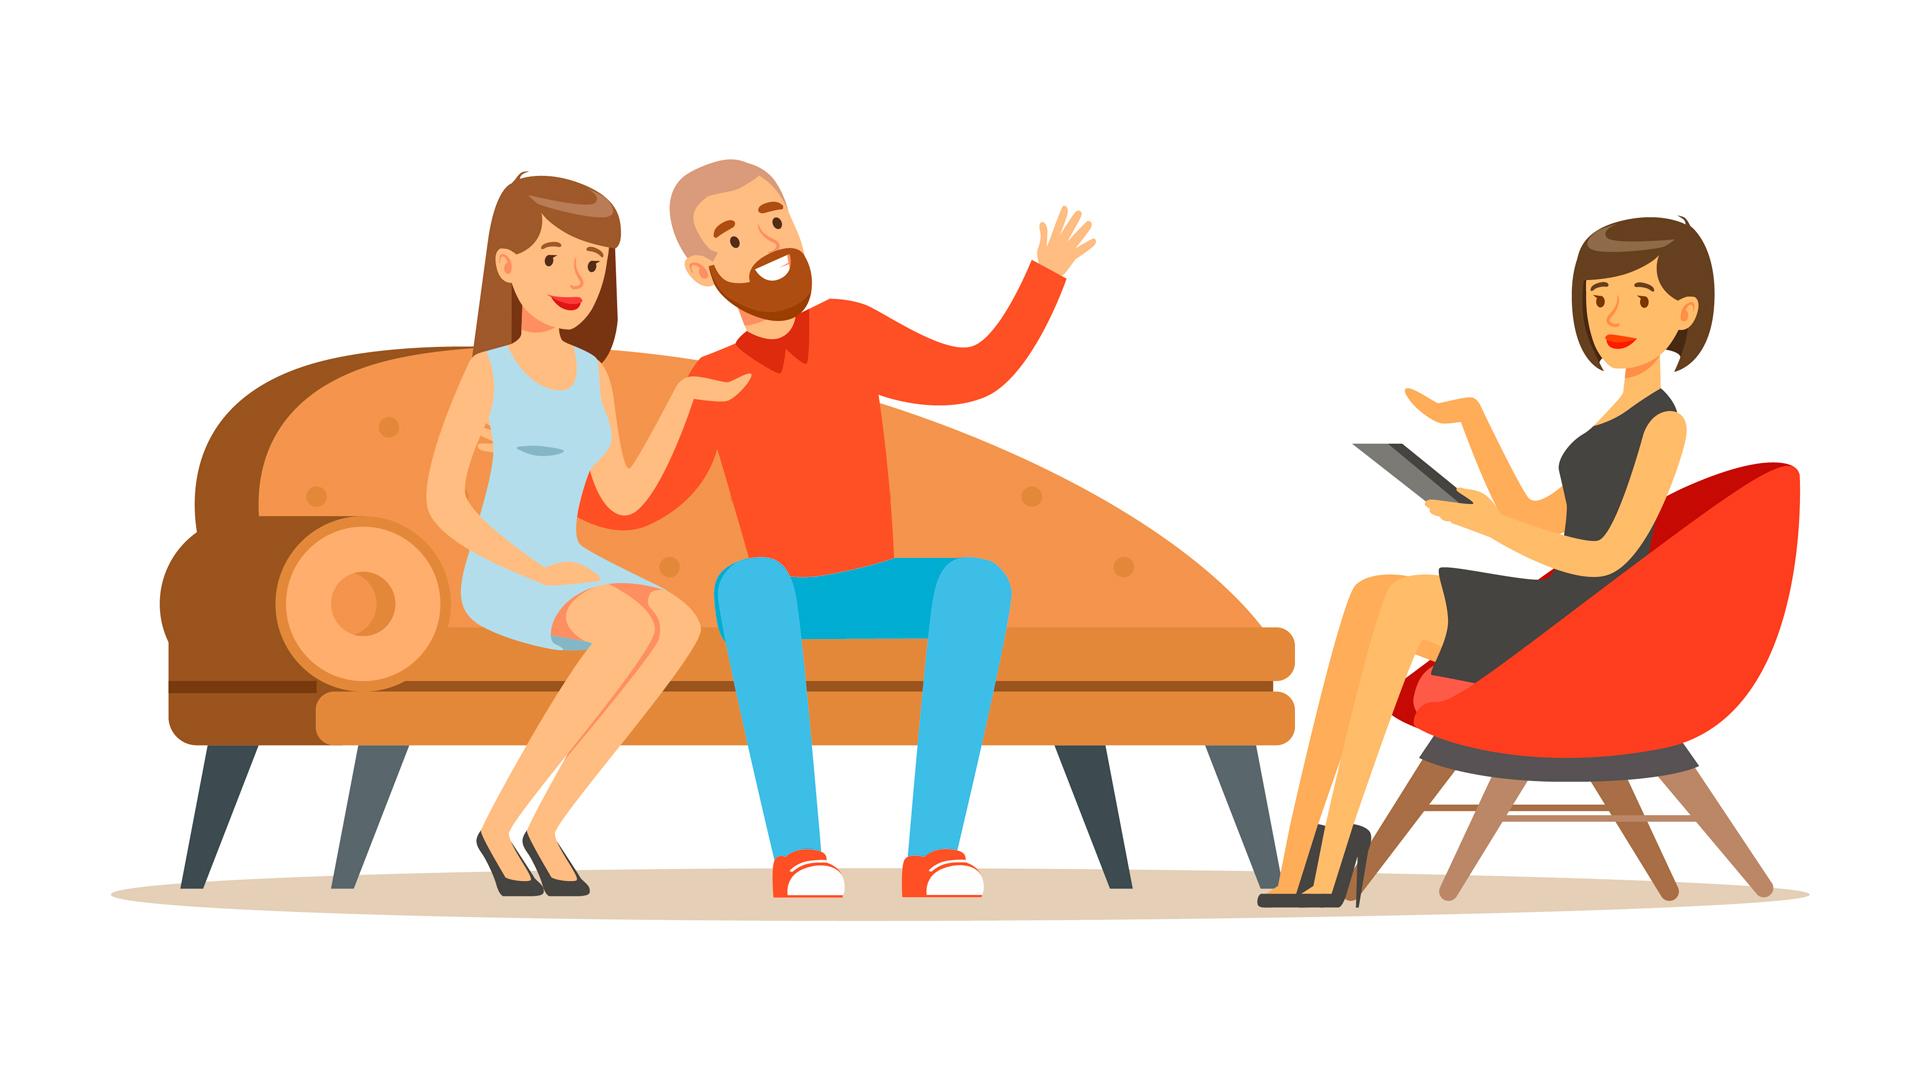 Es conveniente hacer terapia de pareja antes de iniciar la convivencia